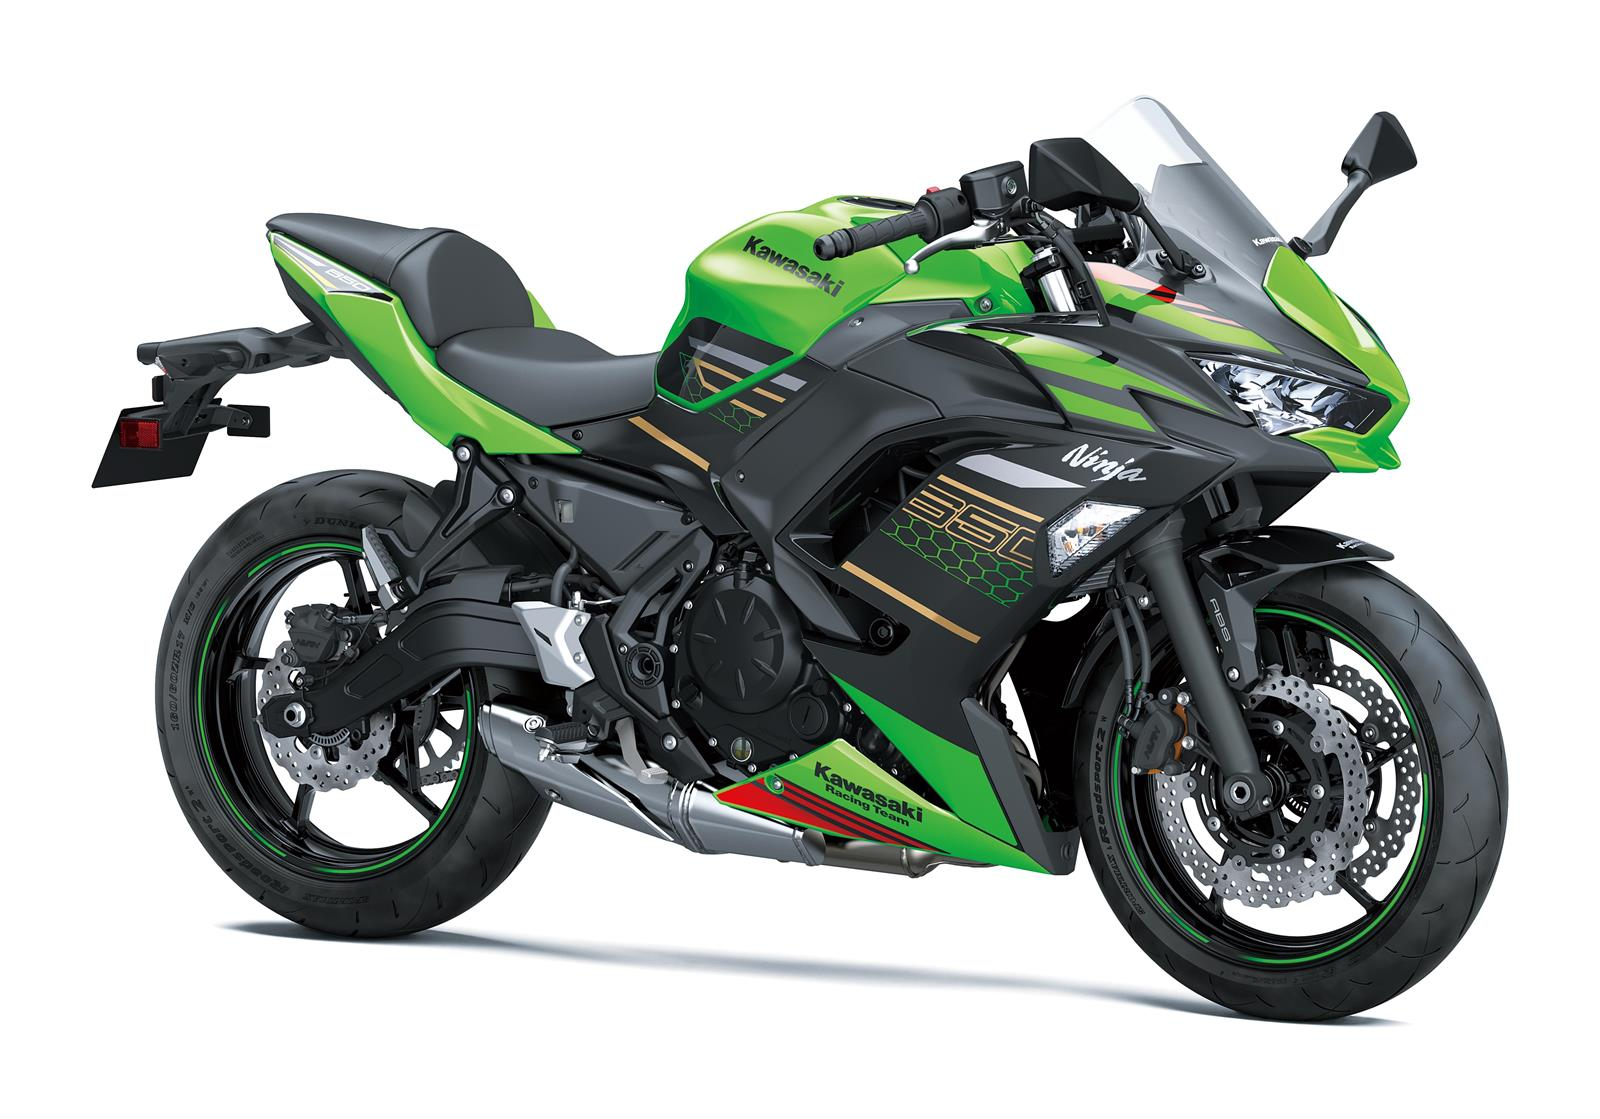 Ninja 650 2020 KRT Edition